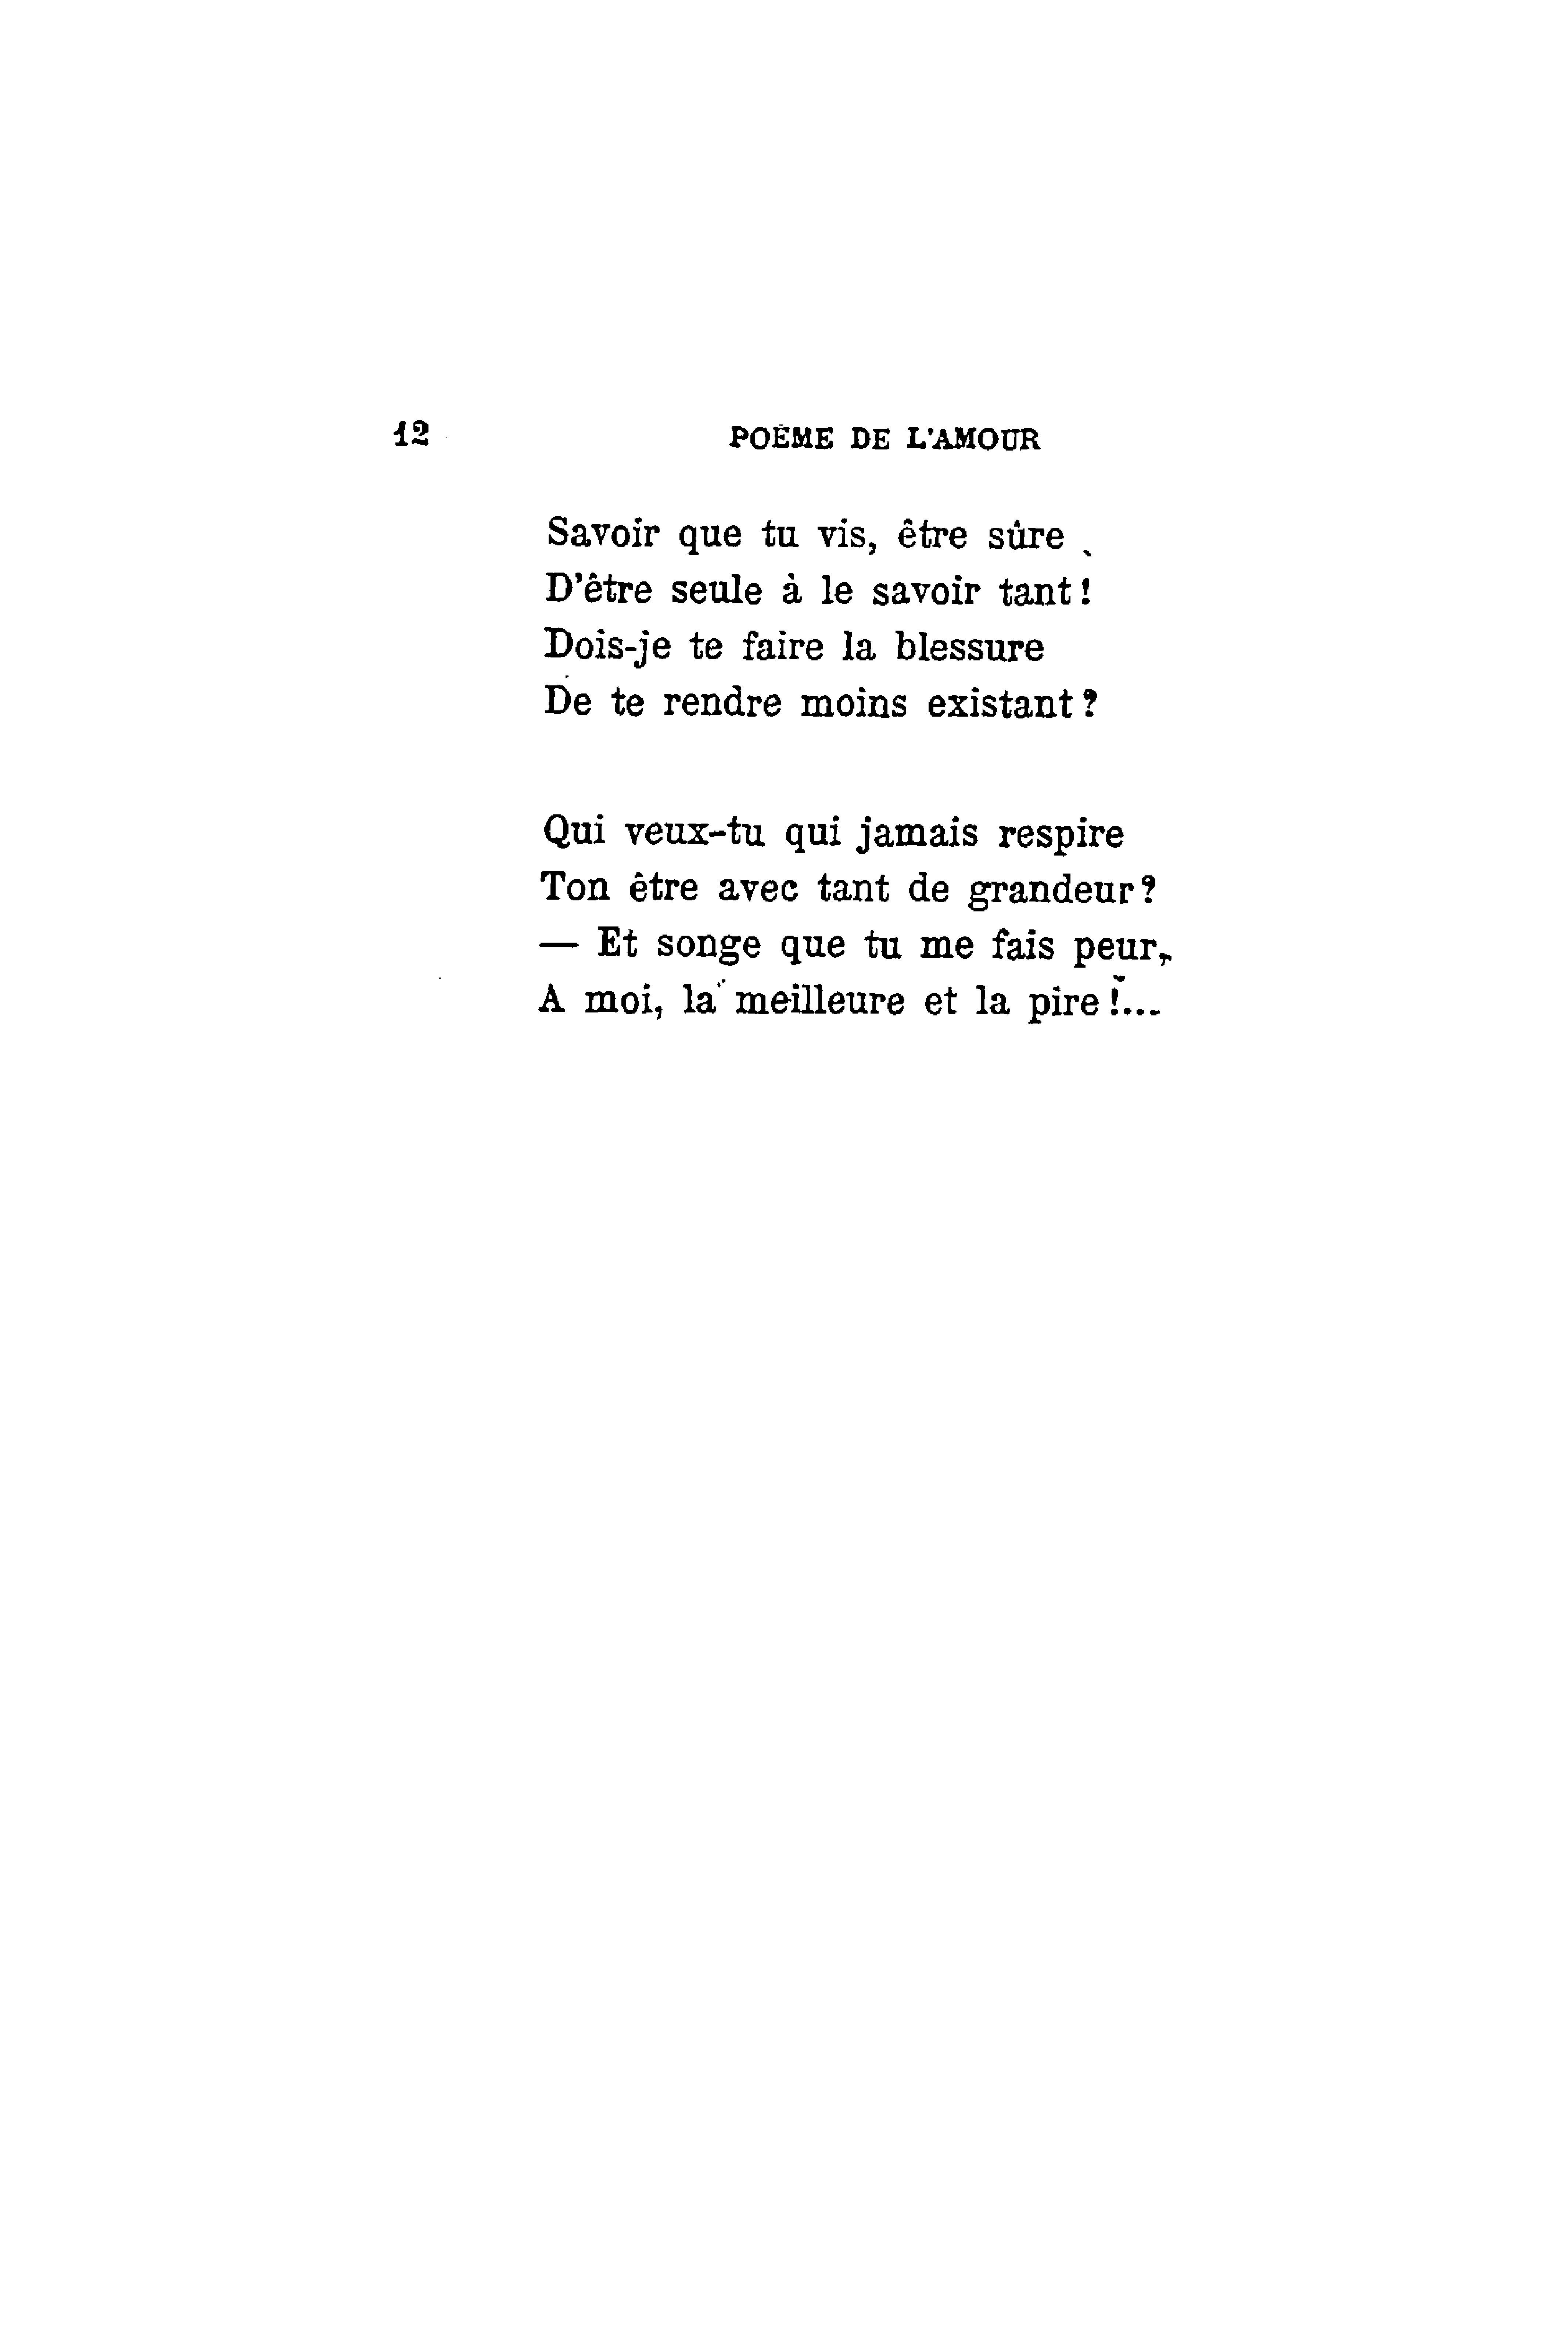 Pagenoailles Poème De Lamour 1924djvu10 Wikisource